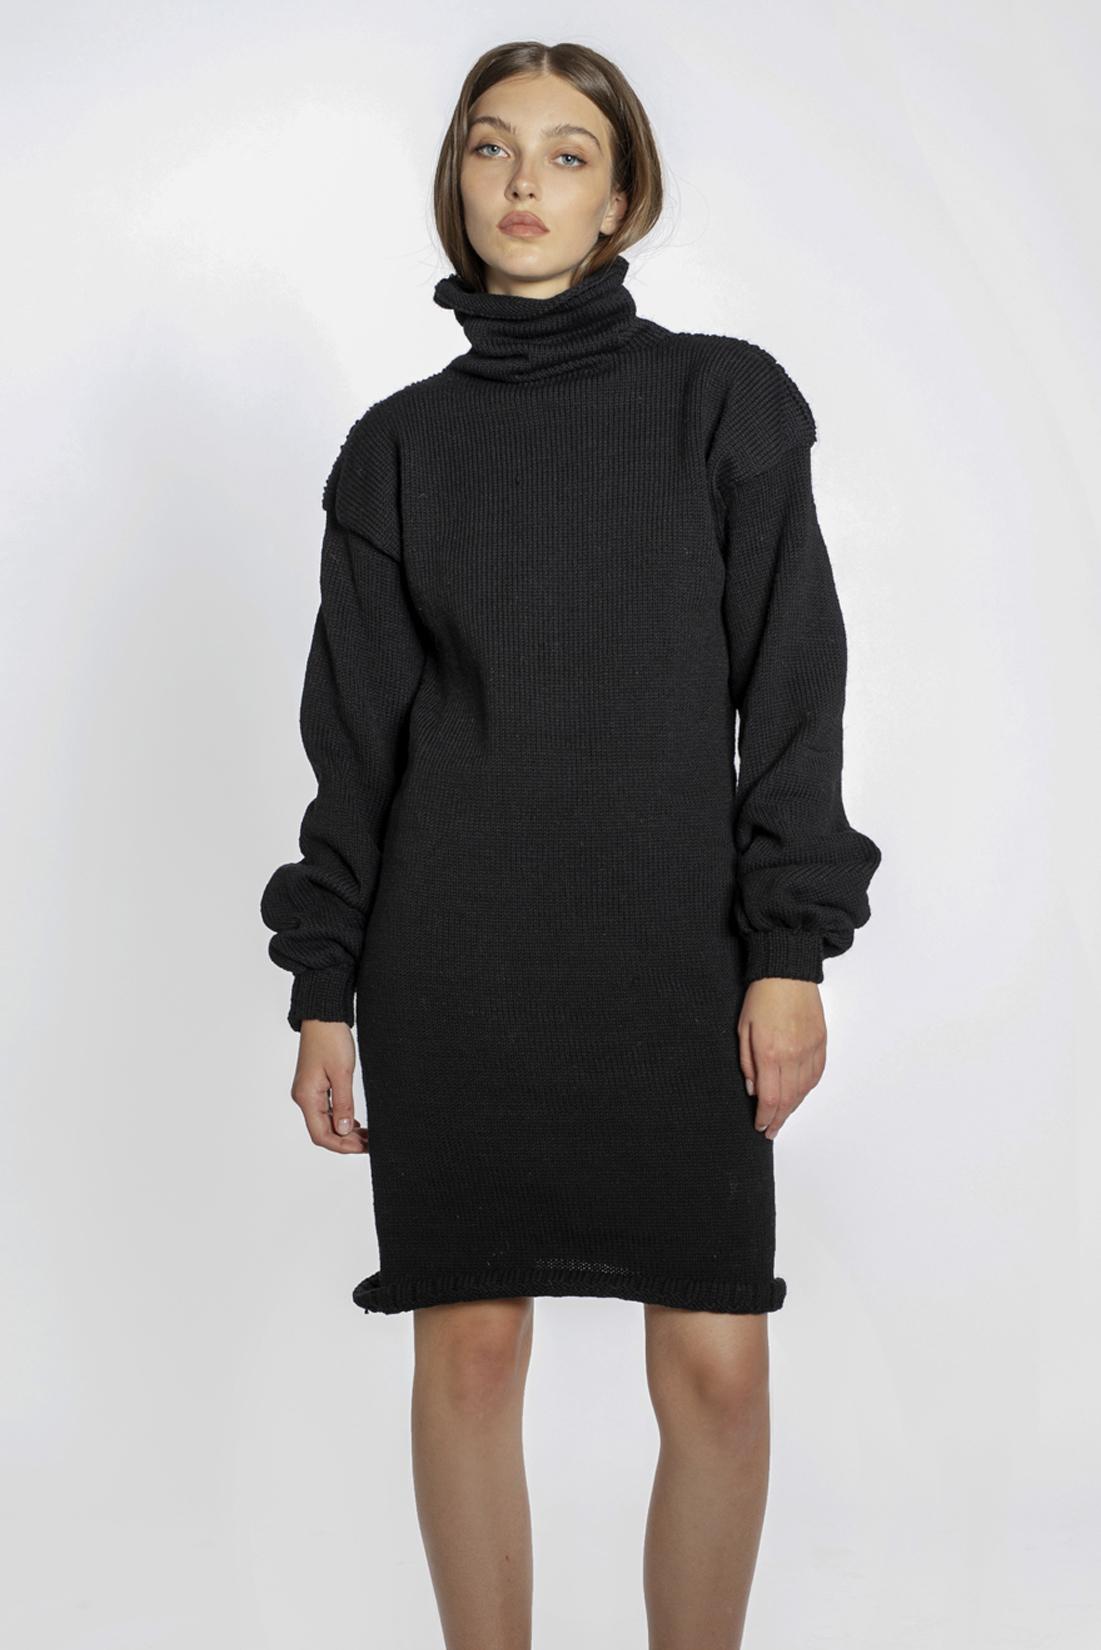 PROVE'M WRONG_7_run_da_world_wool_dress.jpg